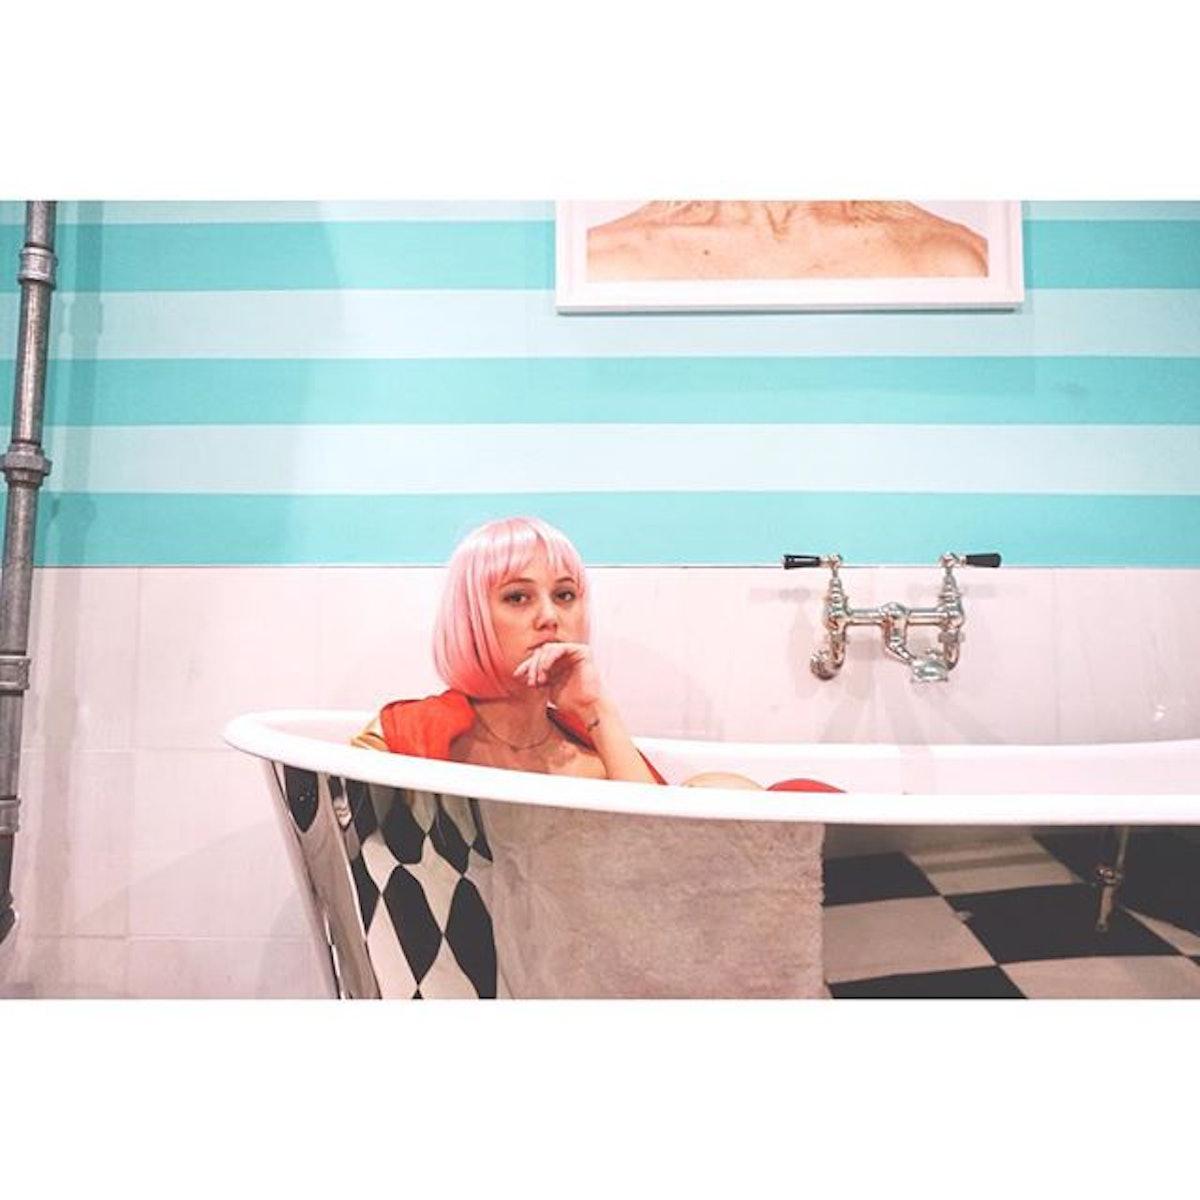 Maika Monroe Instagram